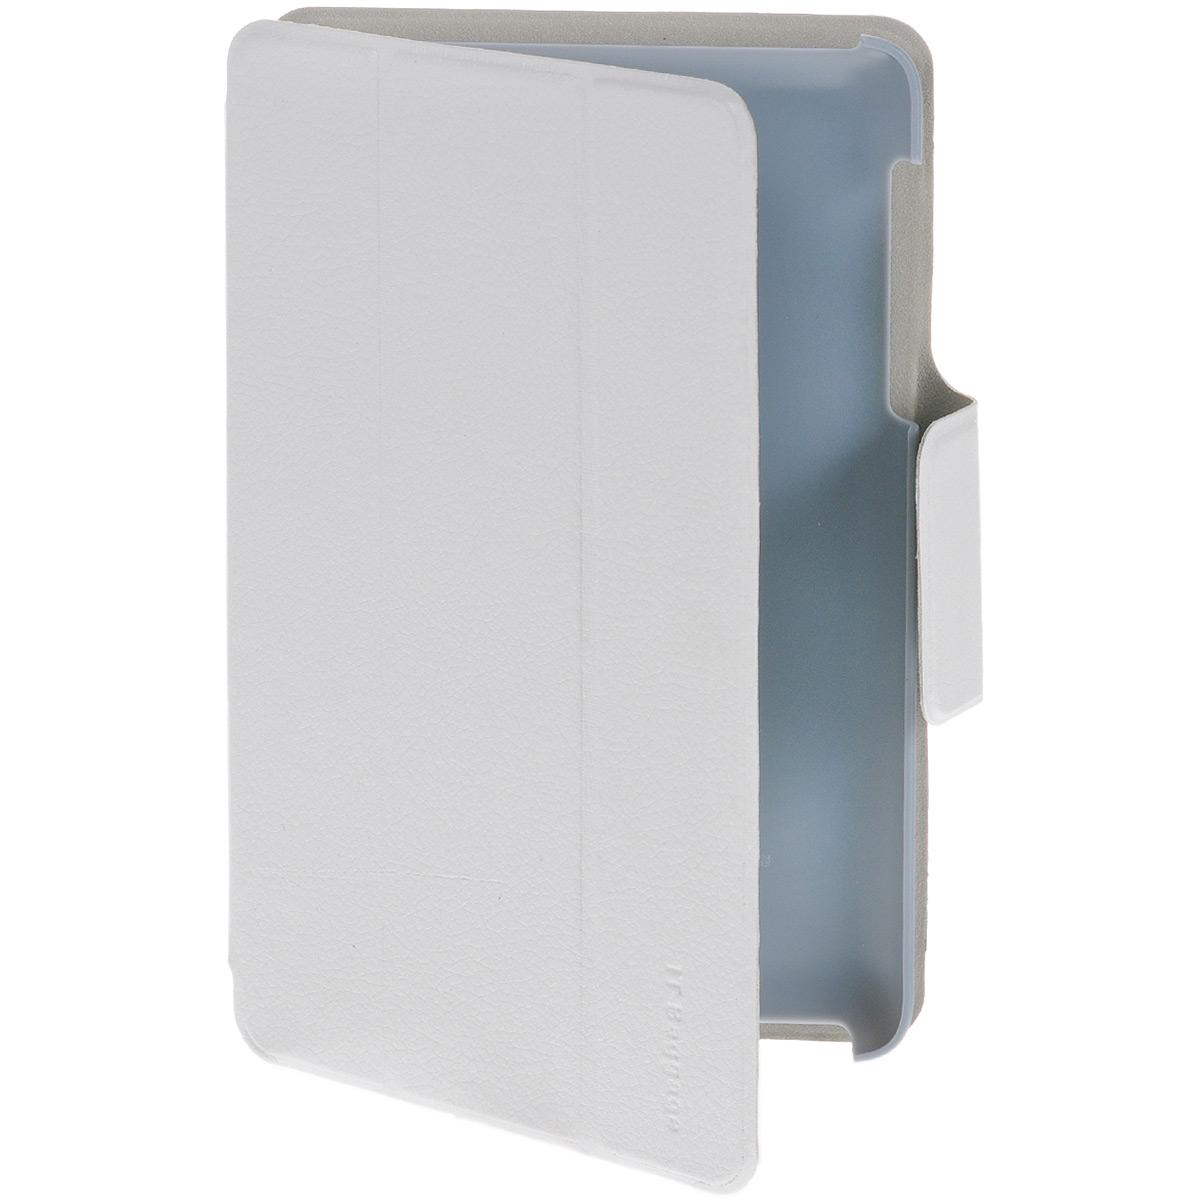 IT Baggage Hard case чехол для Asus Nexus 7, WhiteITASNX703-0Чехол IT Baggage Hard case для Asus Nexus 7 обладает наибольшей прочностью, что обеспечит наибольшую защиту вашего планшета от повреждений. Чехол бережно и надежно защитит Ваш любимый планшет от пыли, грязи, царапин и других повреждений, оставив при этом свободный доступ ко всем разъемам устройства. Имеется возможность использования в виде настольной подставки.